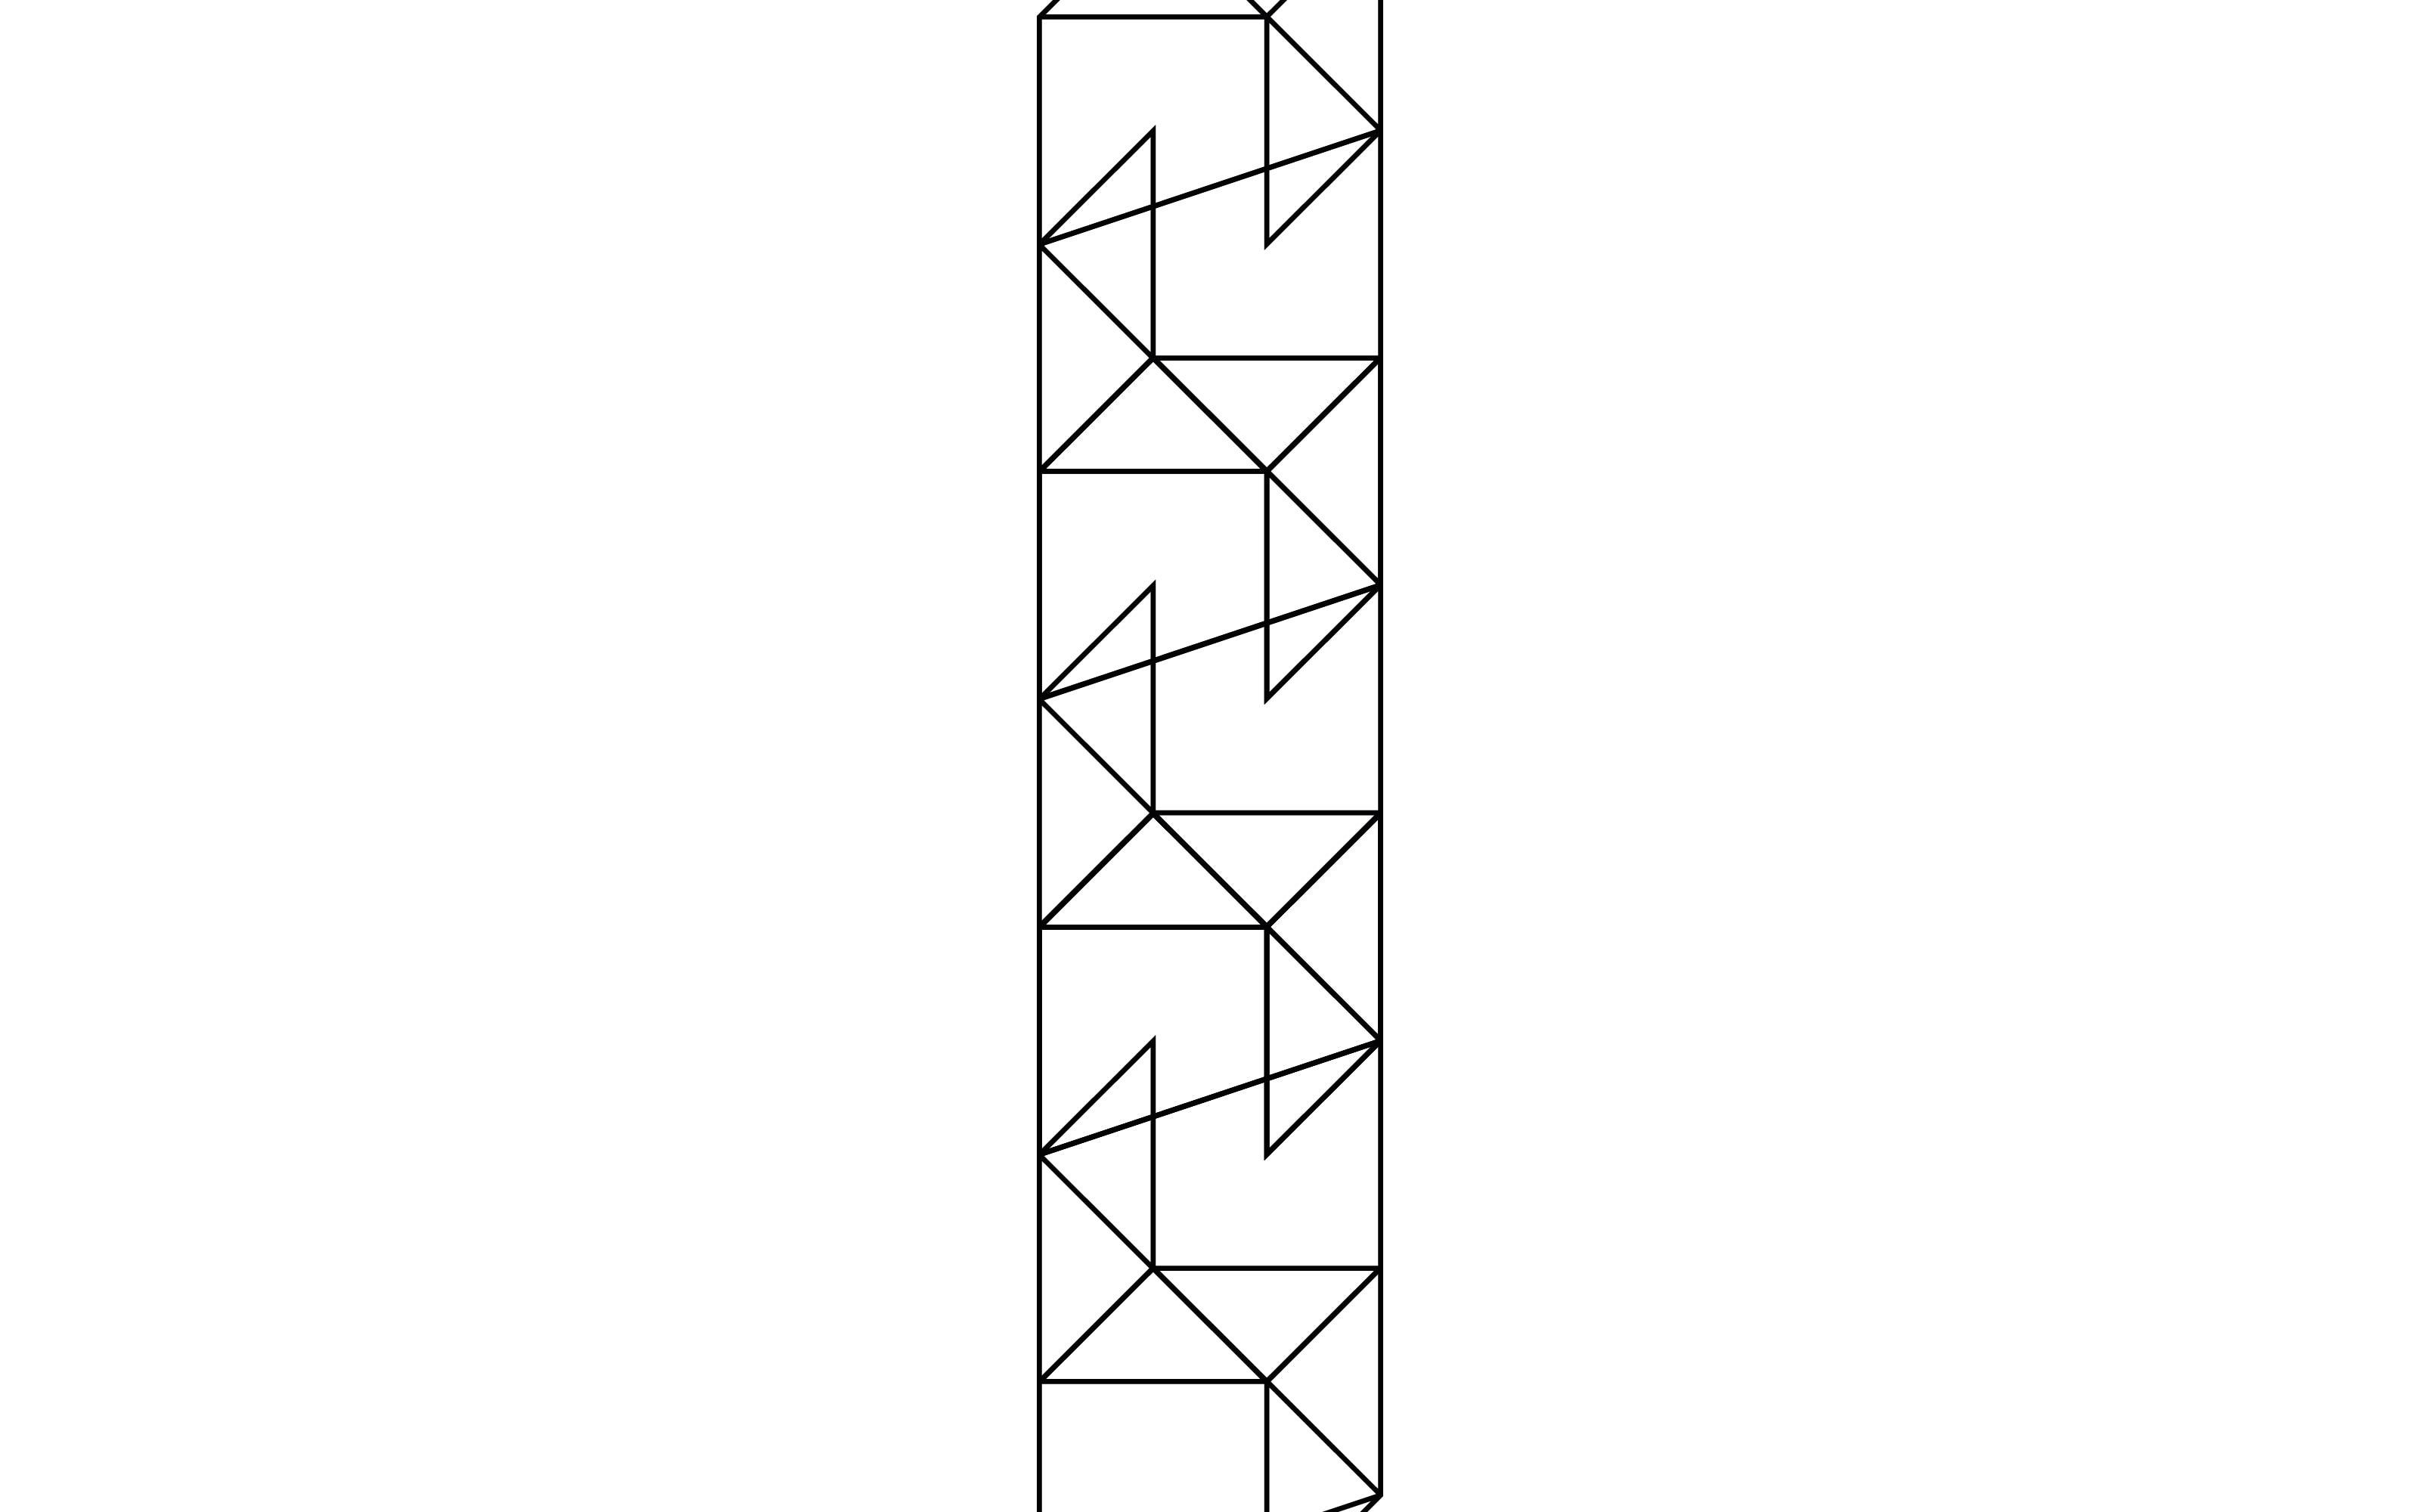 maxfath-hackerkiste-augsburg-muster-entwicklung-4